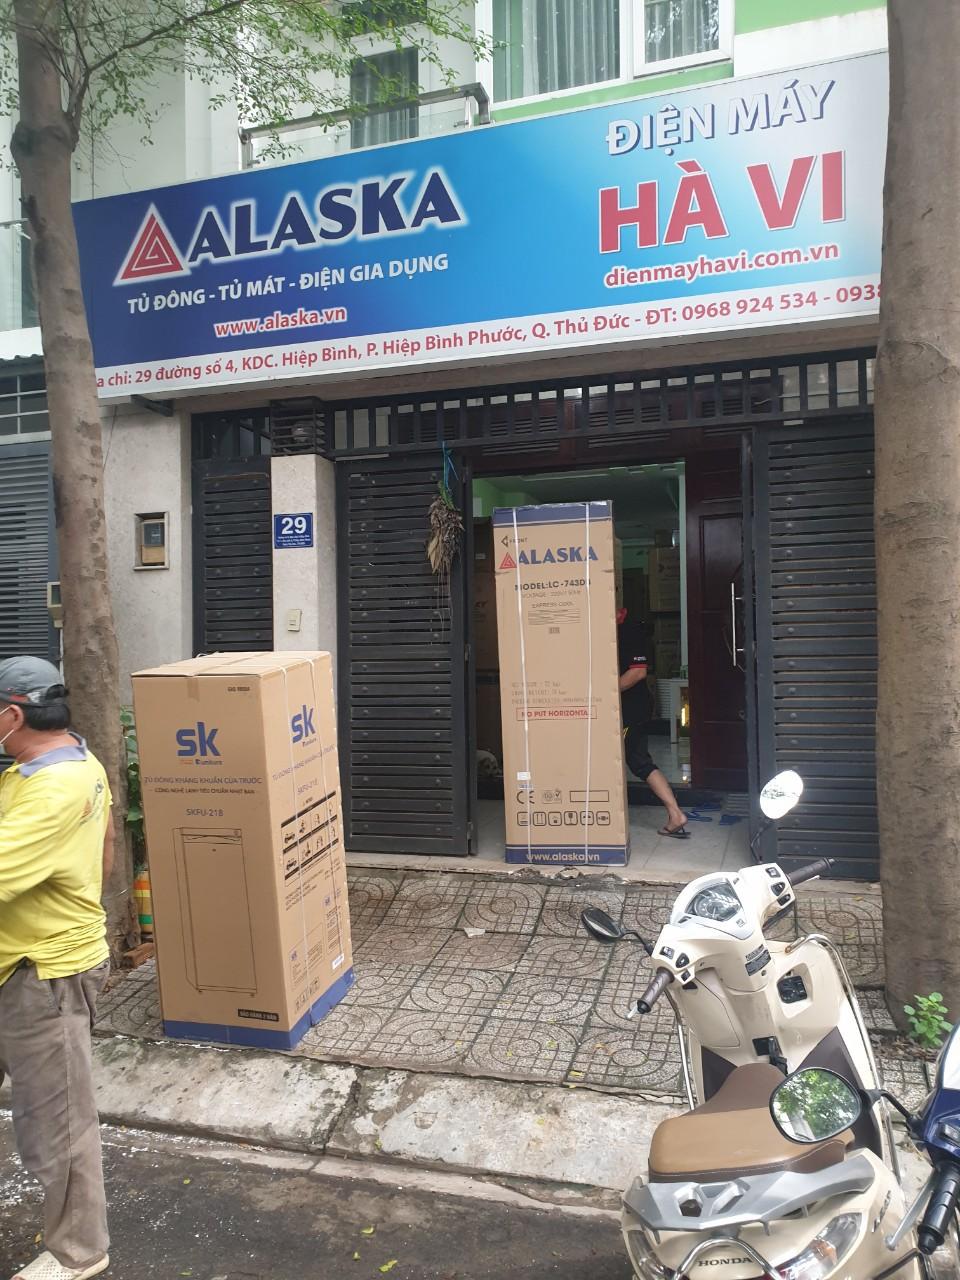 Điện Máy Hà Vi Hợp tác tìm đại lý cấp 1 Tủ đông tủ mát Sumikura